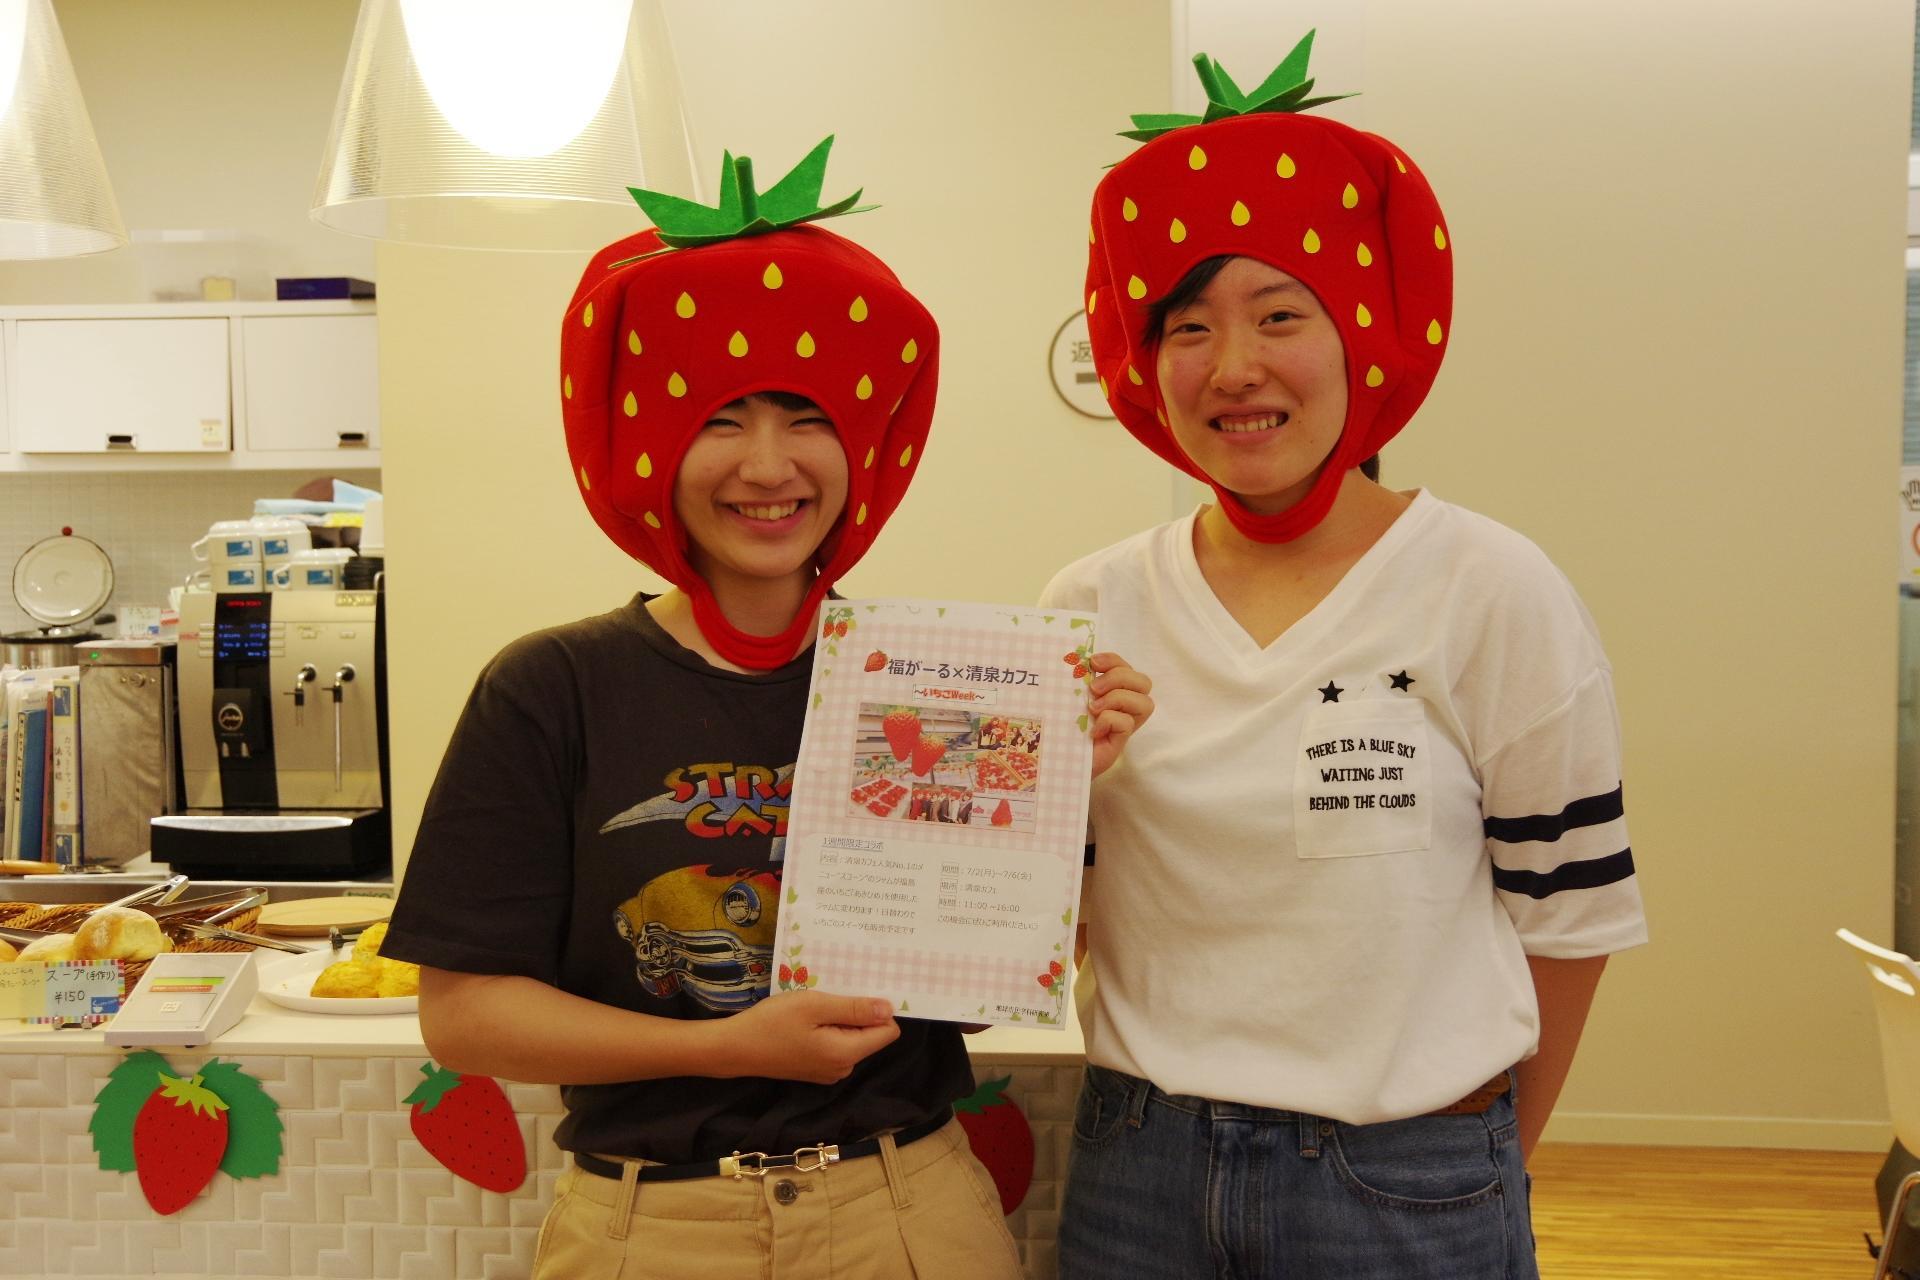 福島県の地域振興活動を行っている清泉女子大学の学生グループ「福がーる」が、清泉カフェでいちごフェアを開催 -- 章姫(あきひめ)を使ったスイーツを販売